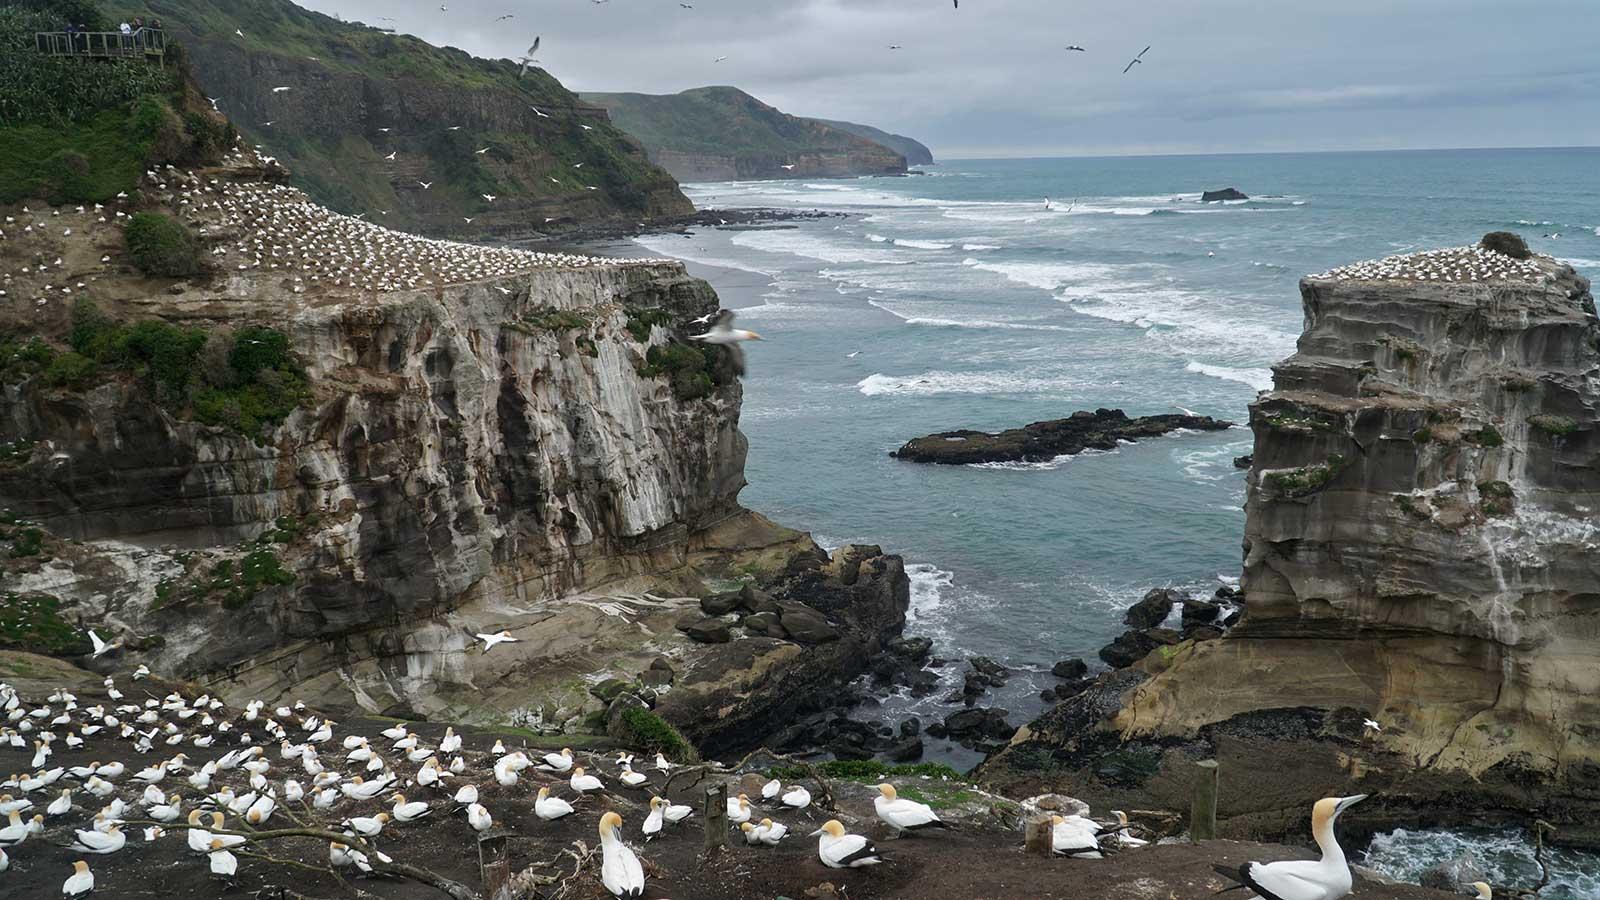 Autor Francisco Fernández efectuada en el viaje a Nueva Zelanda - Gannet colony